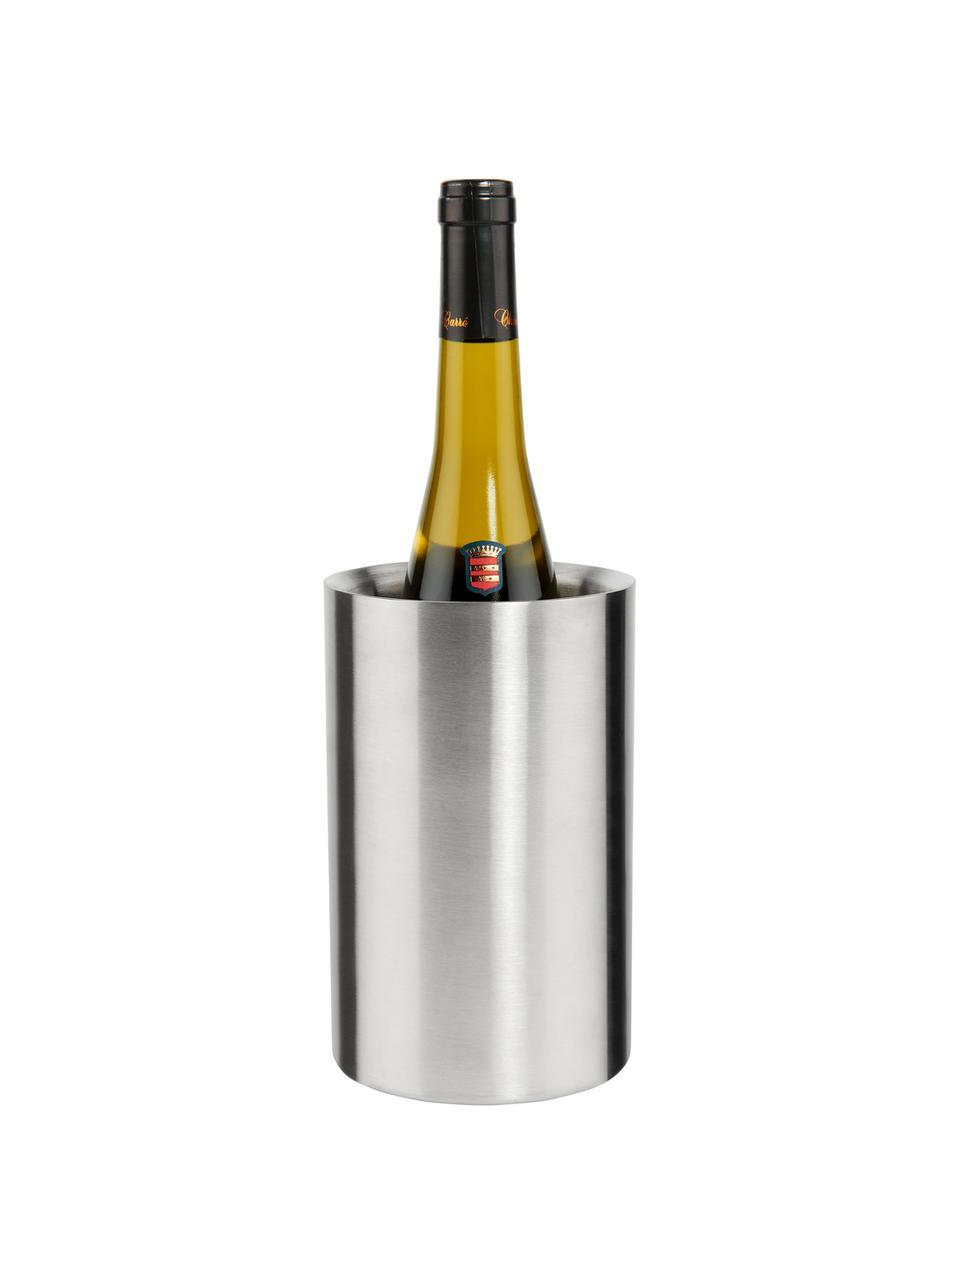 Klassischer Flaschenkühler The Cooler aus Edelstahl, Edelstahl, Edelstahl, Ø 12 x H 19 cm